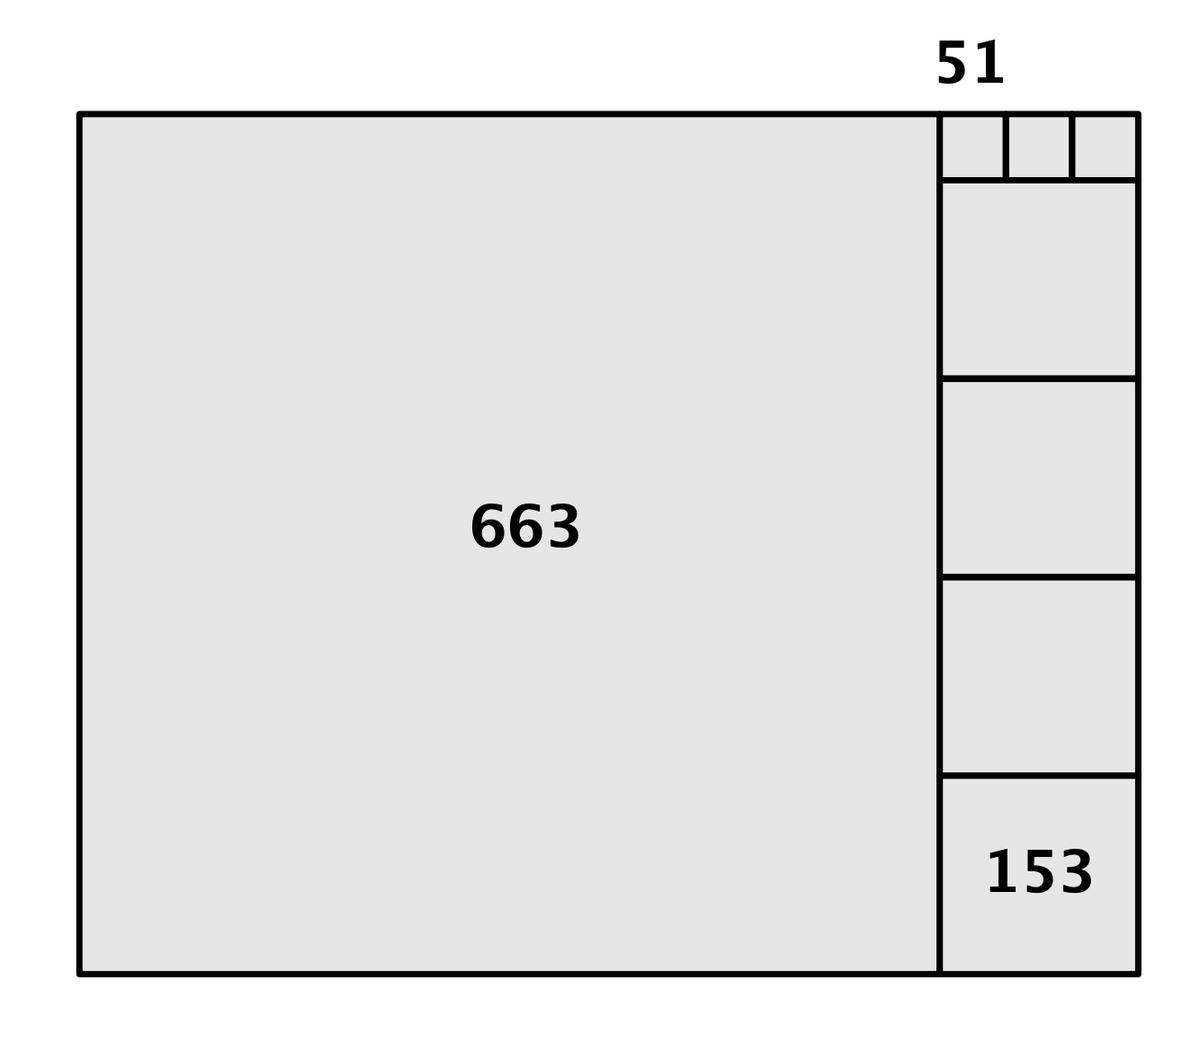 f:id:motcho:20210419191559p:plain